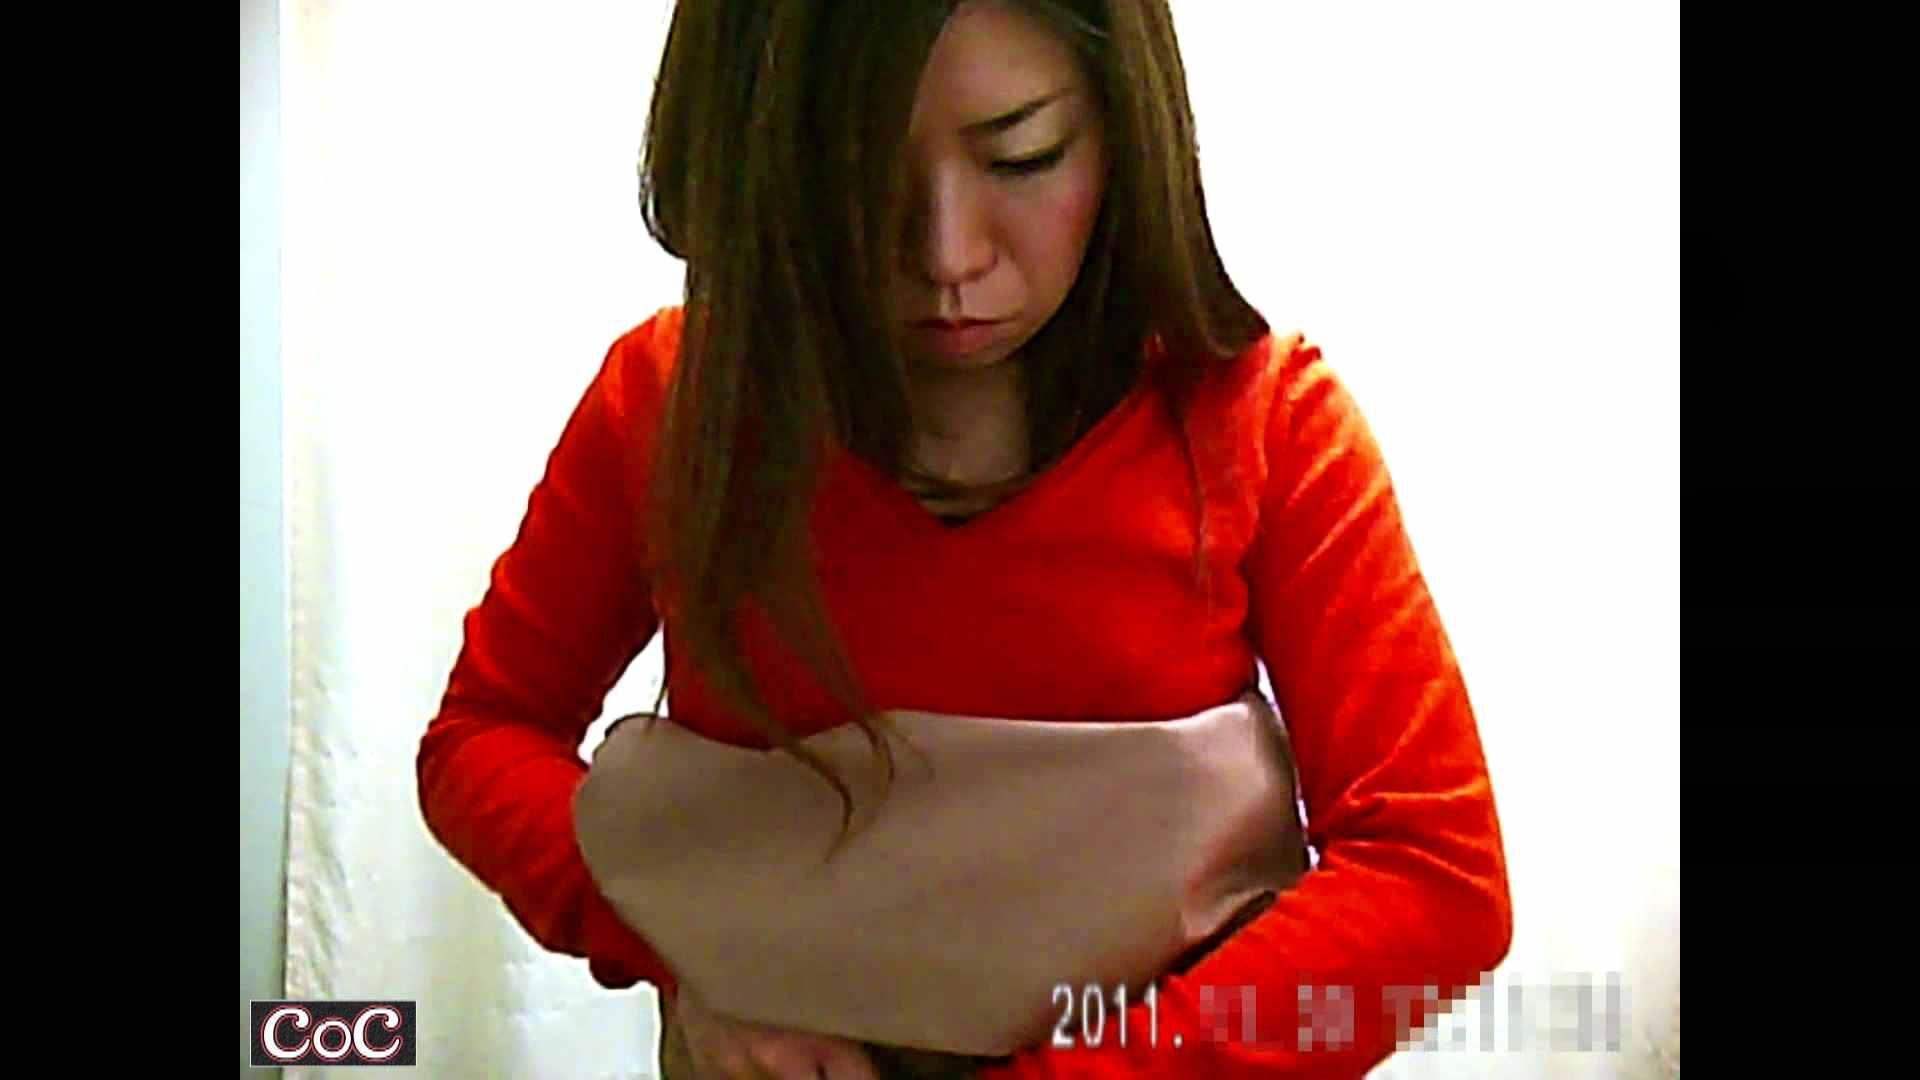 元医者による反抗 更衣室地獄絵巻 vol.190 OLハメ撮り  35Pix 26